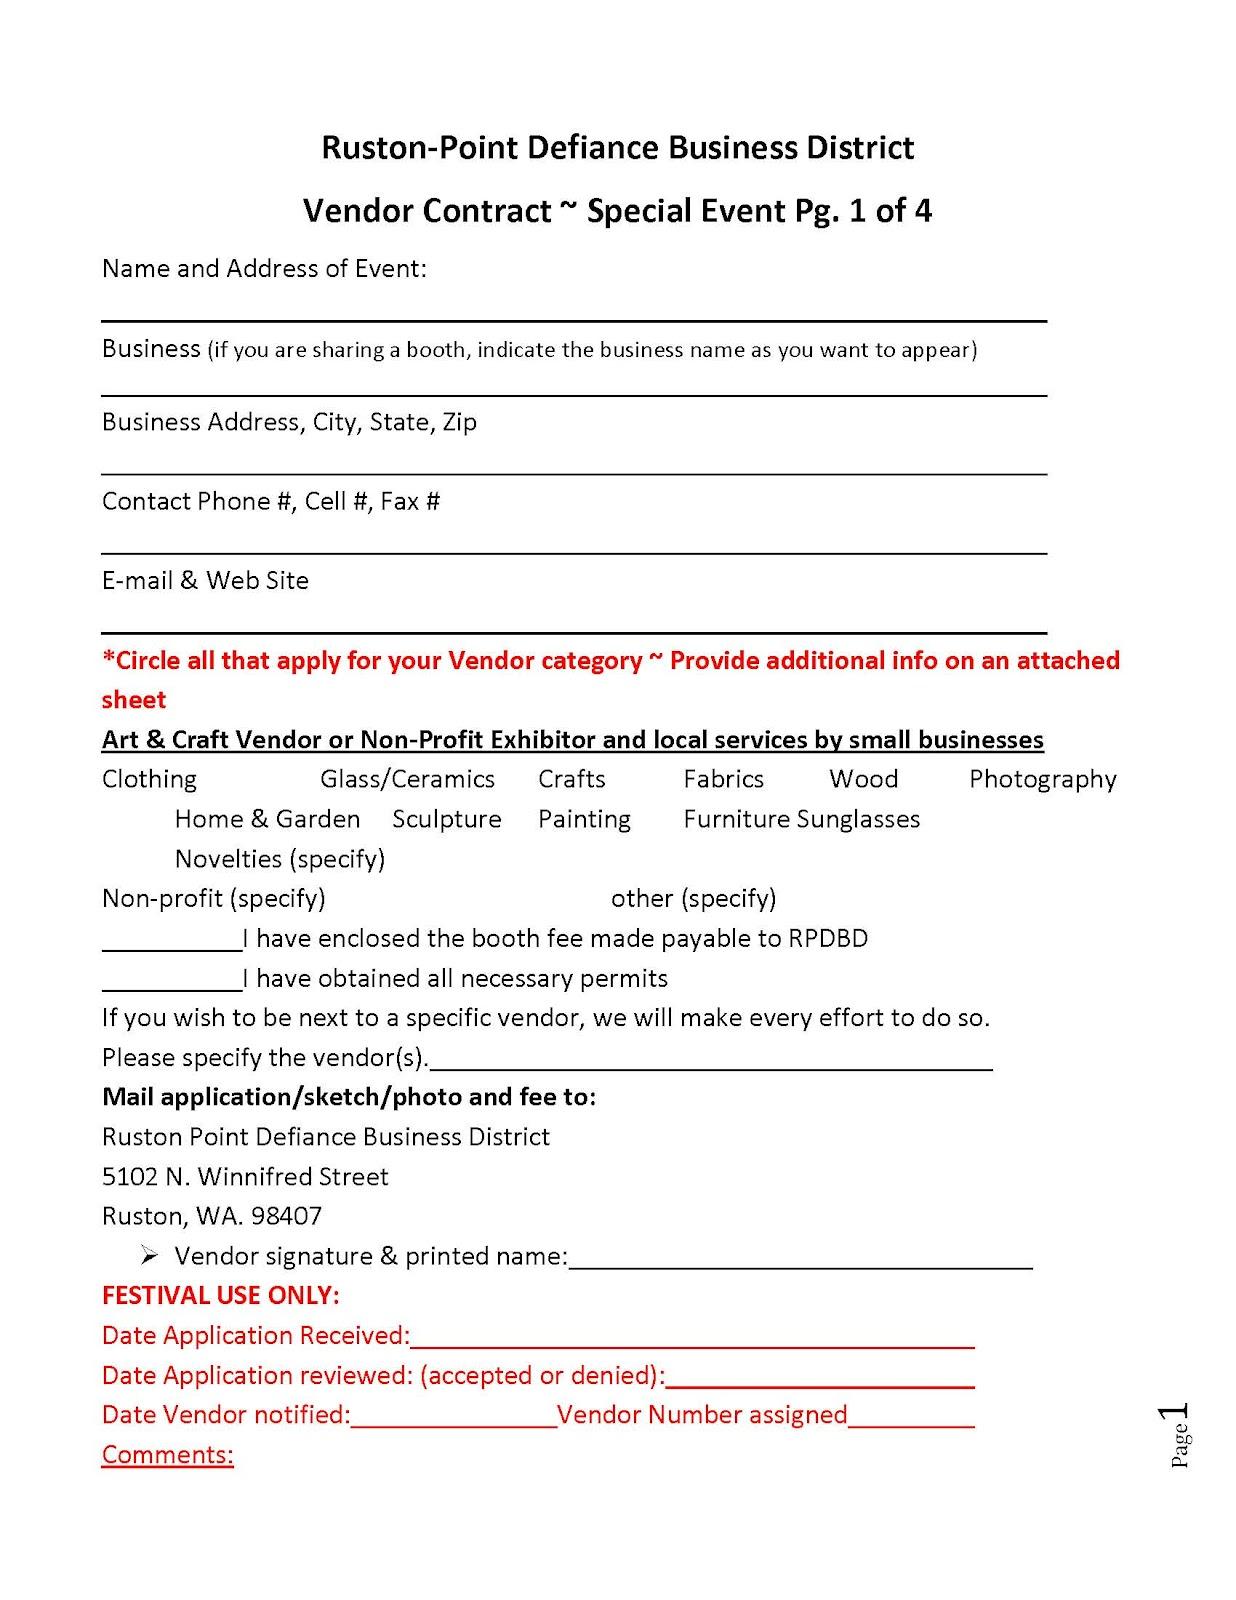 RUSTON FAMILY FAIR Vendor Contract